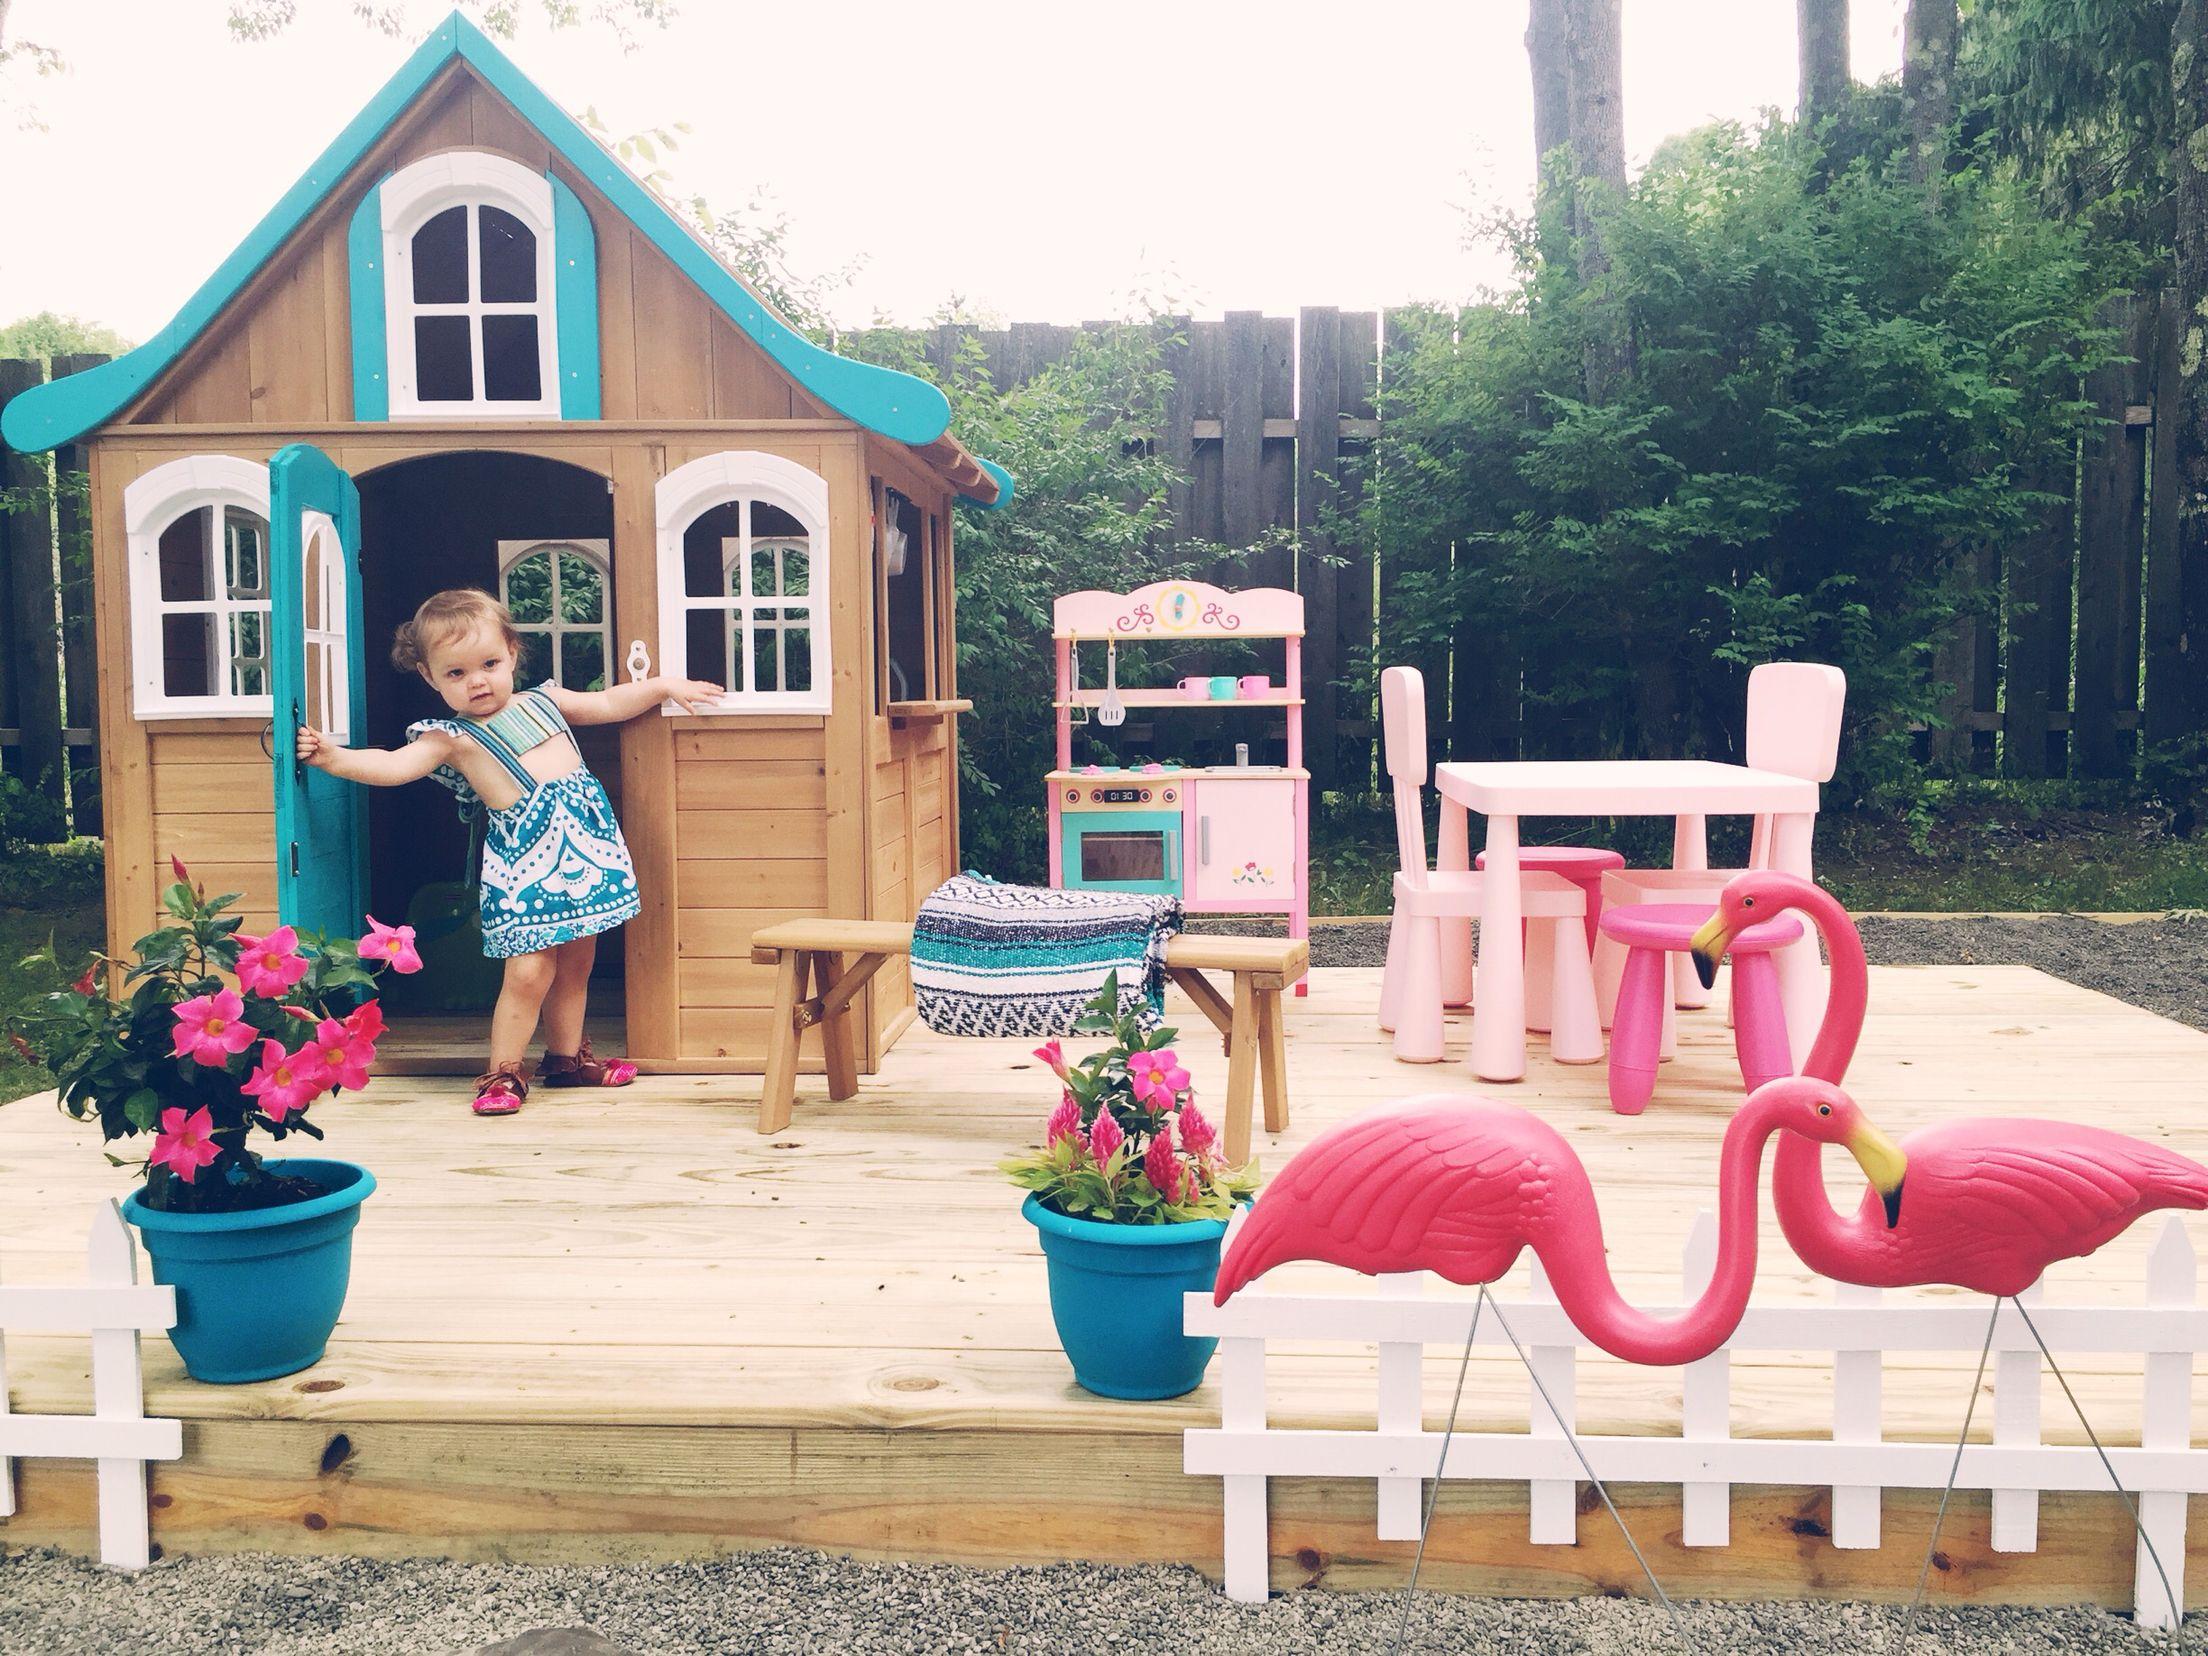 Kids fashion littlemoonclothing.com Boho kids and babies